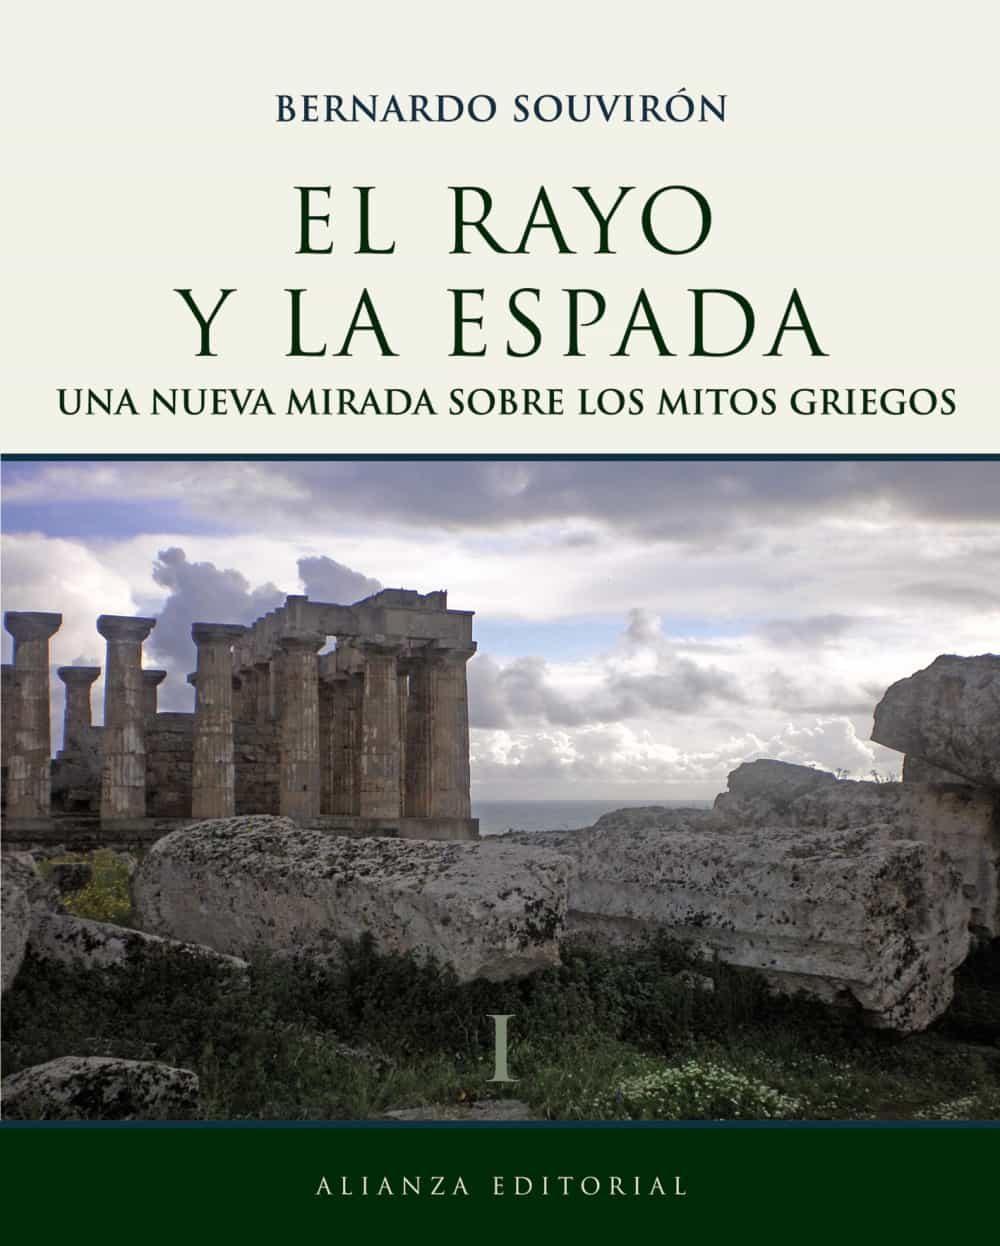 El Rayo Y La Espada (t.i): Nueva Mirada Sobre Los Mitos Griegos - Souviron Bernardo